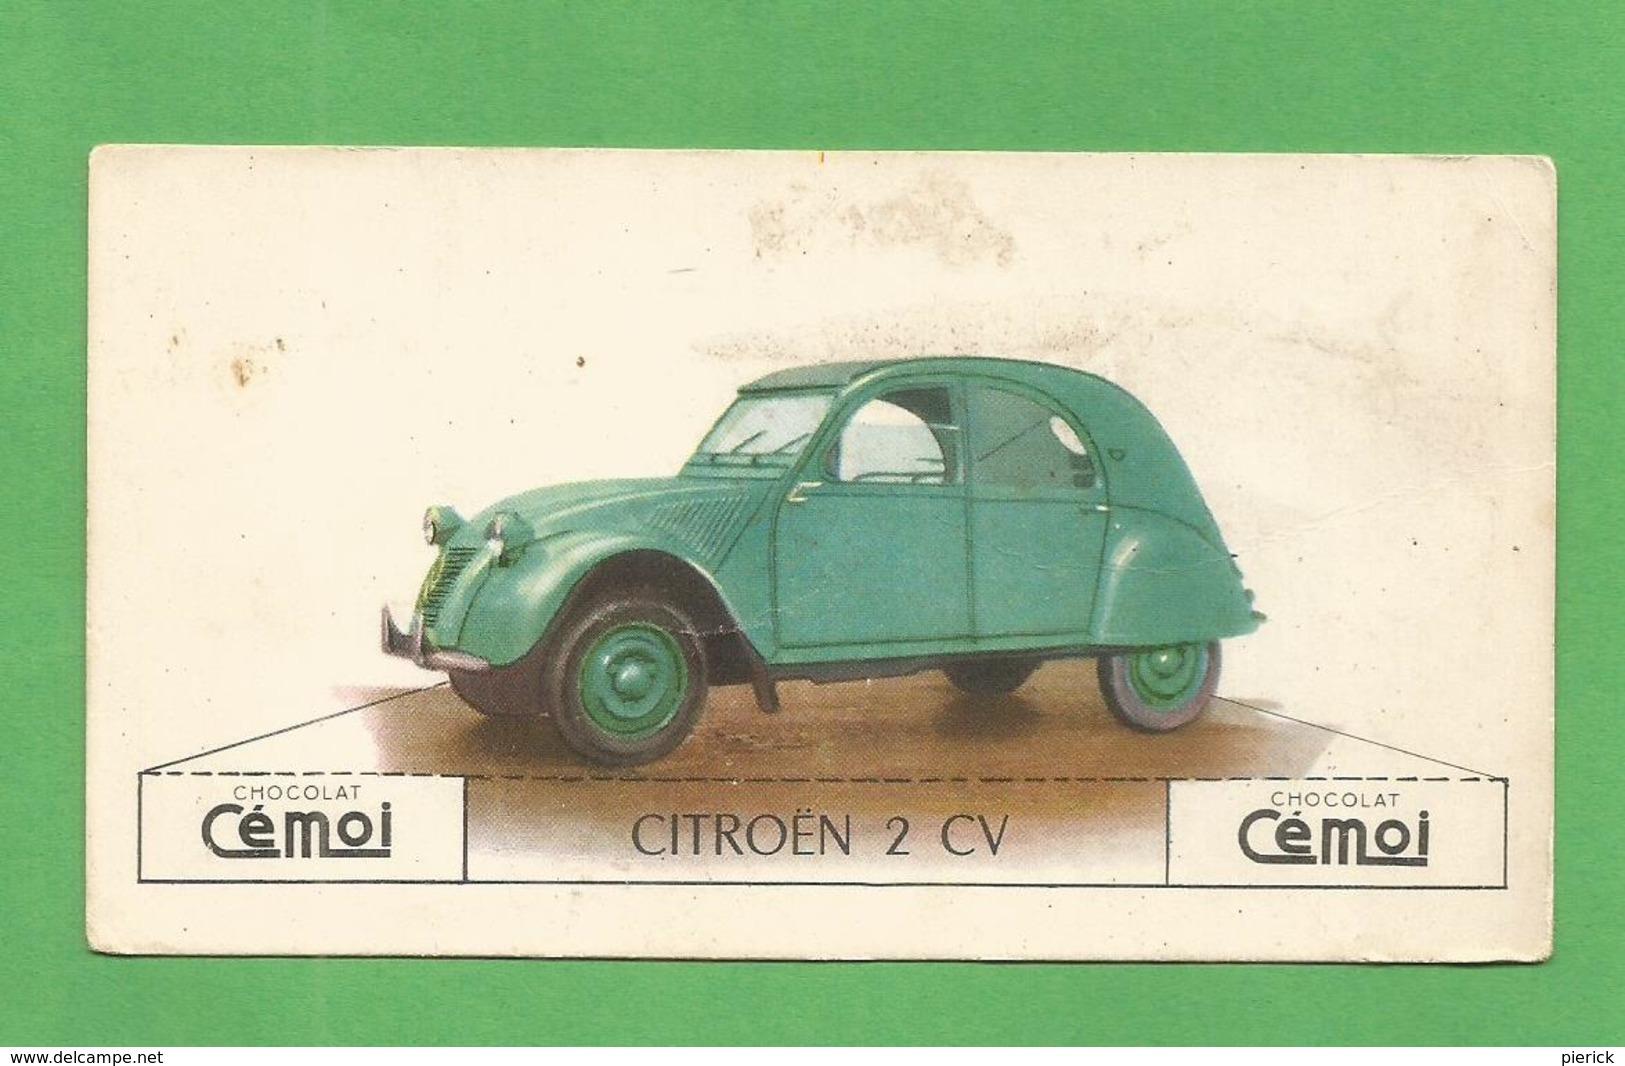 IMAGE CHOCOLAT CEMOI AUTO VOITURE VINTAGE WAGEN OLD CAR CARD CITROEN 2 CV - Autres